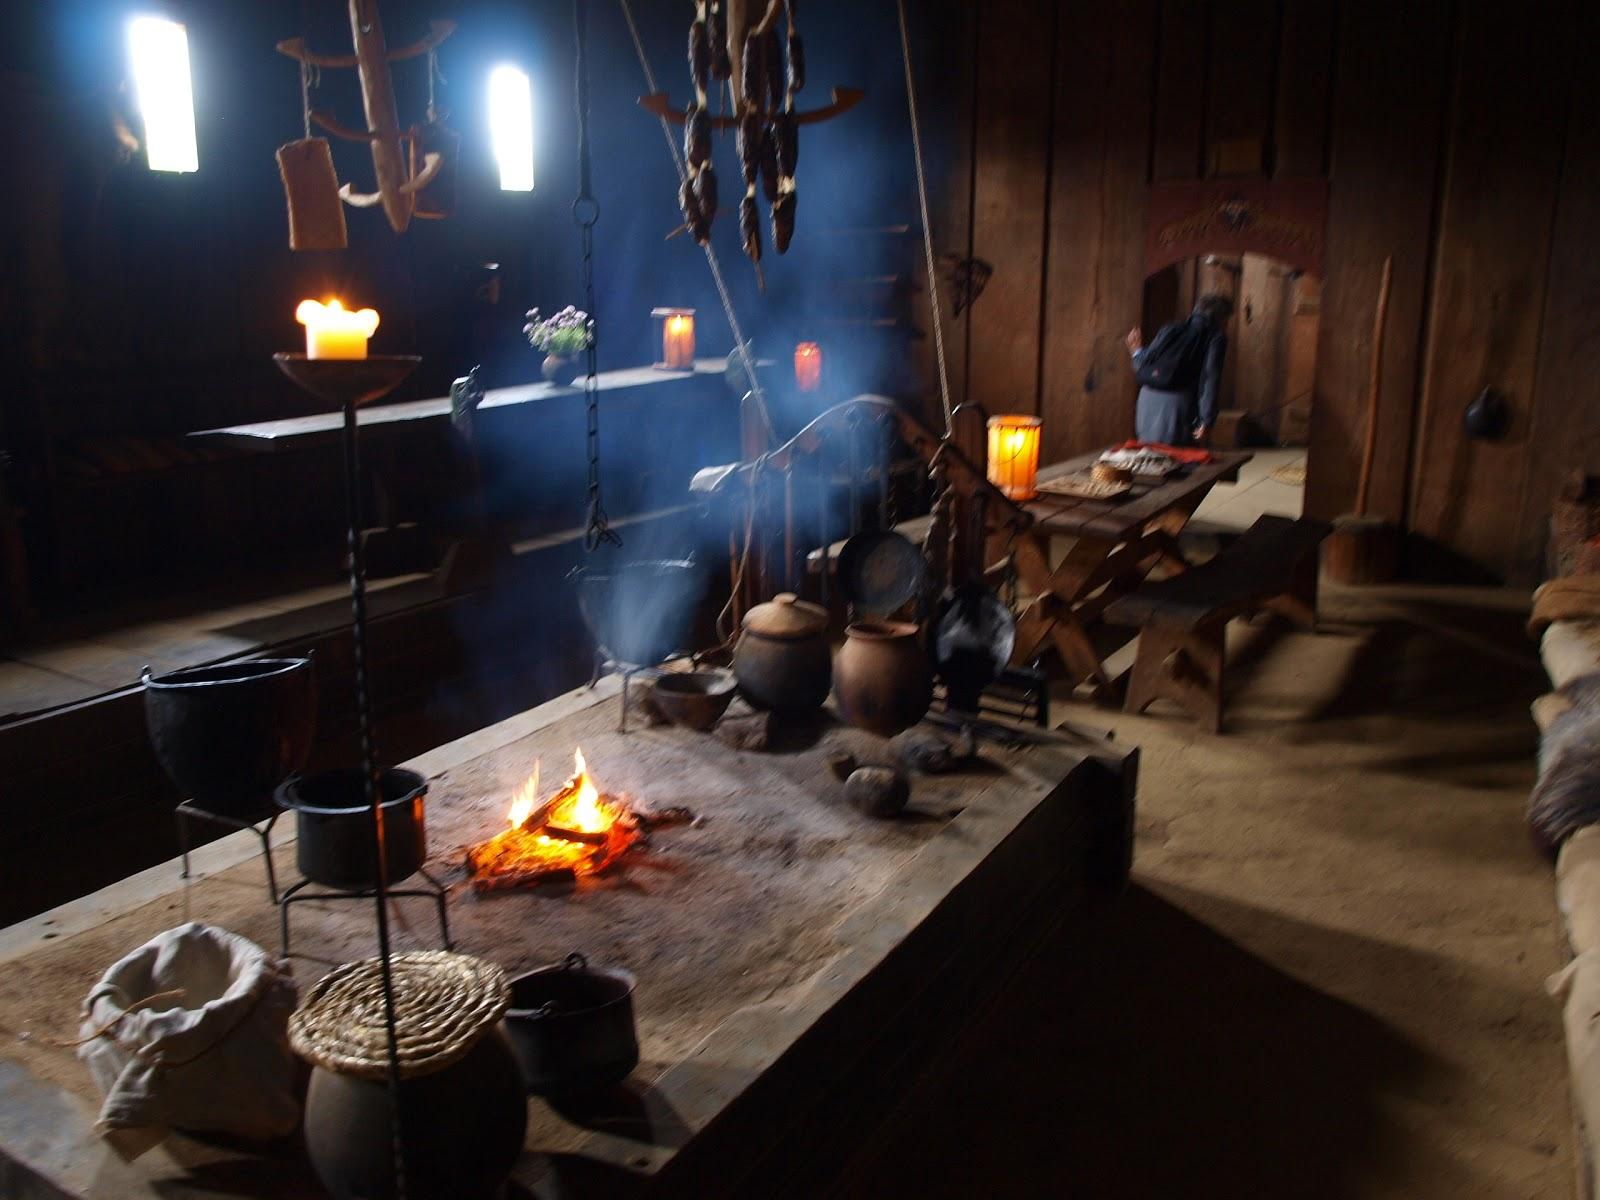 Viking fireplace photo